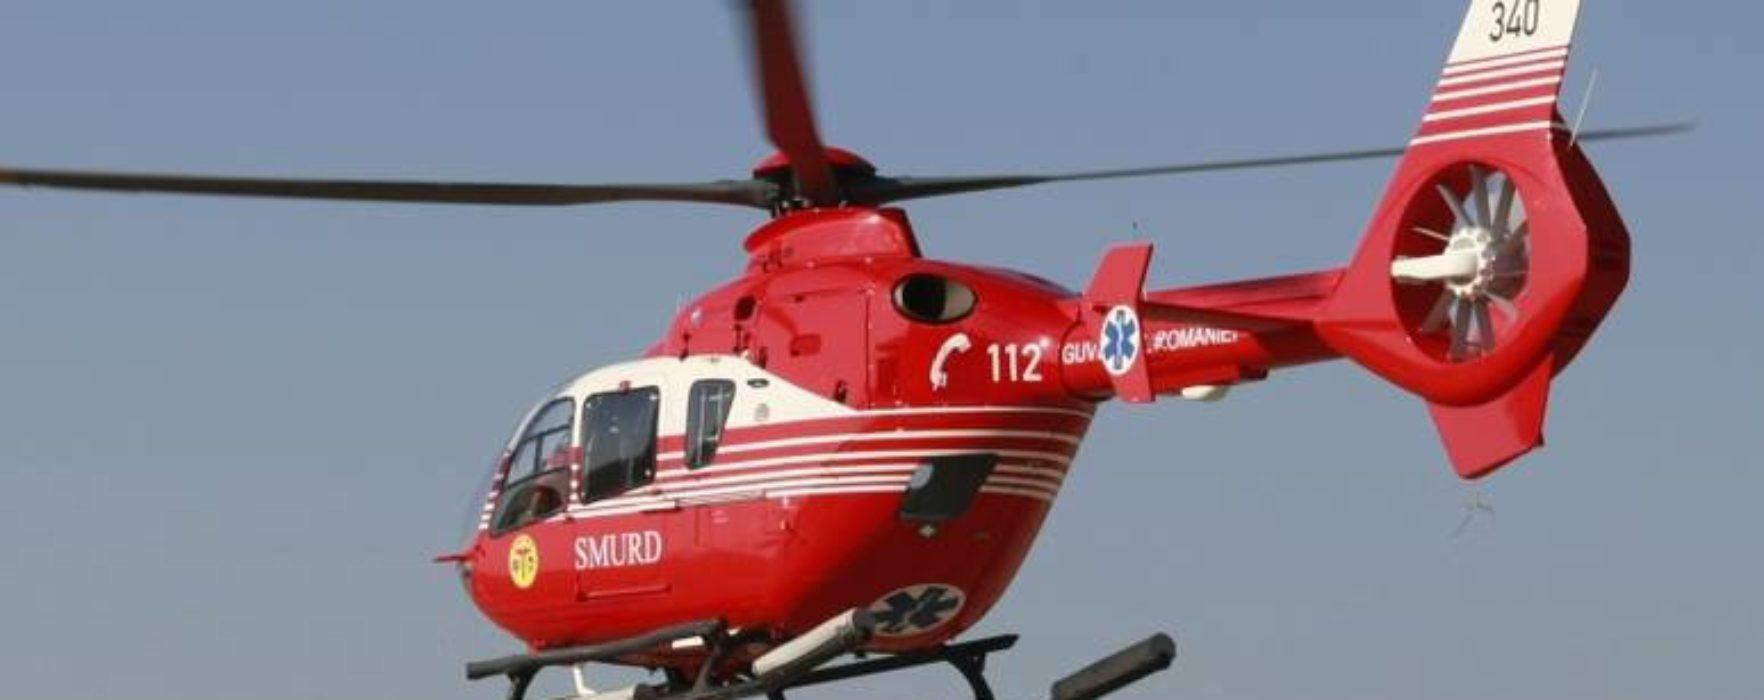 Dâmboviţa: Copil de 3 ani a căzut în piscină, dus cu elicopterul la spital